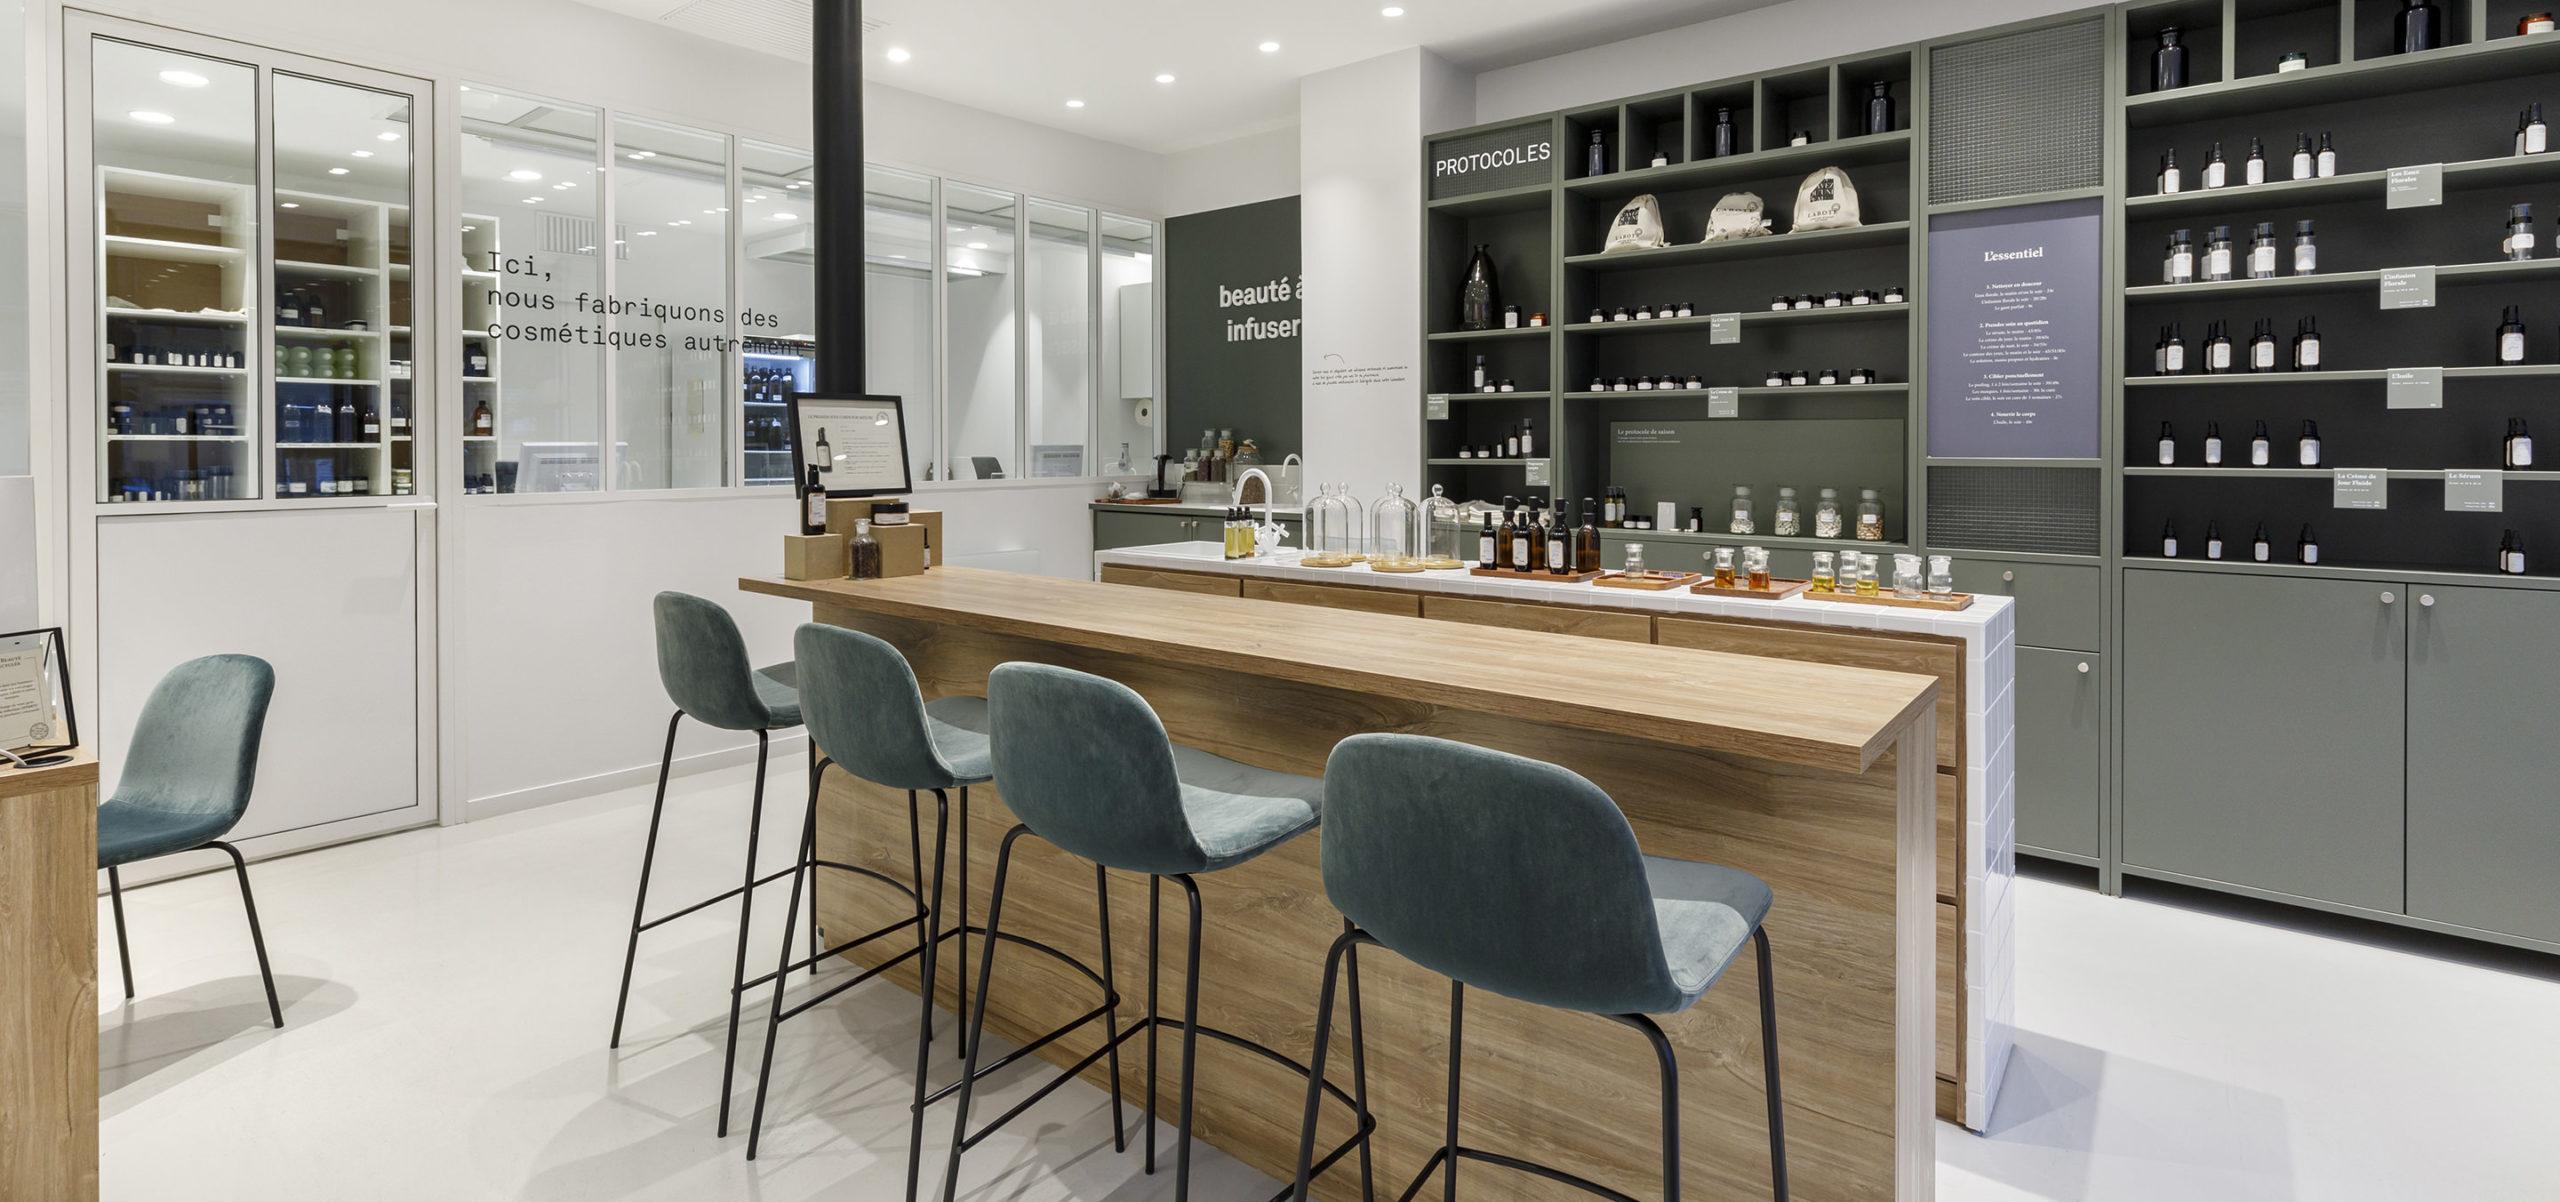 Label Experience : focus sur le bar à texture de la boutique Laboté à Paris